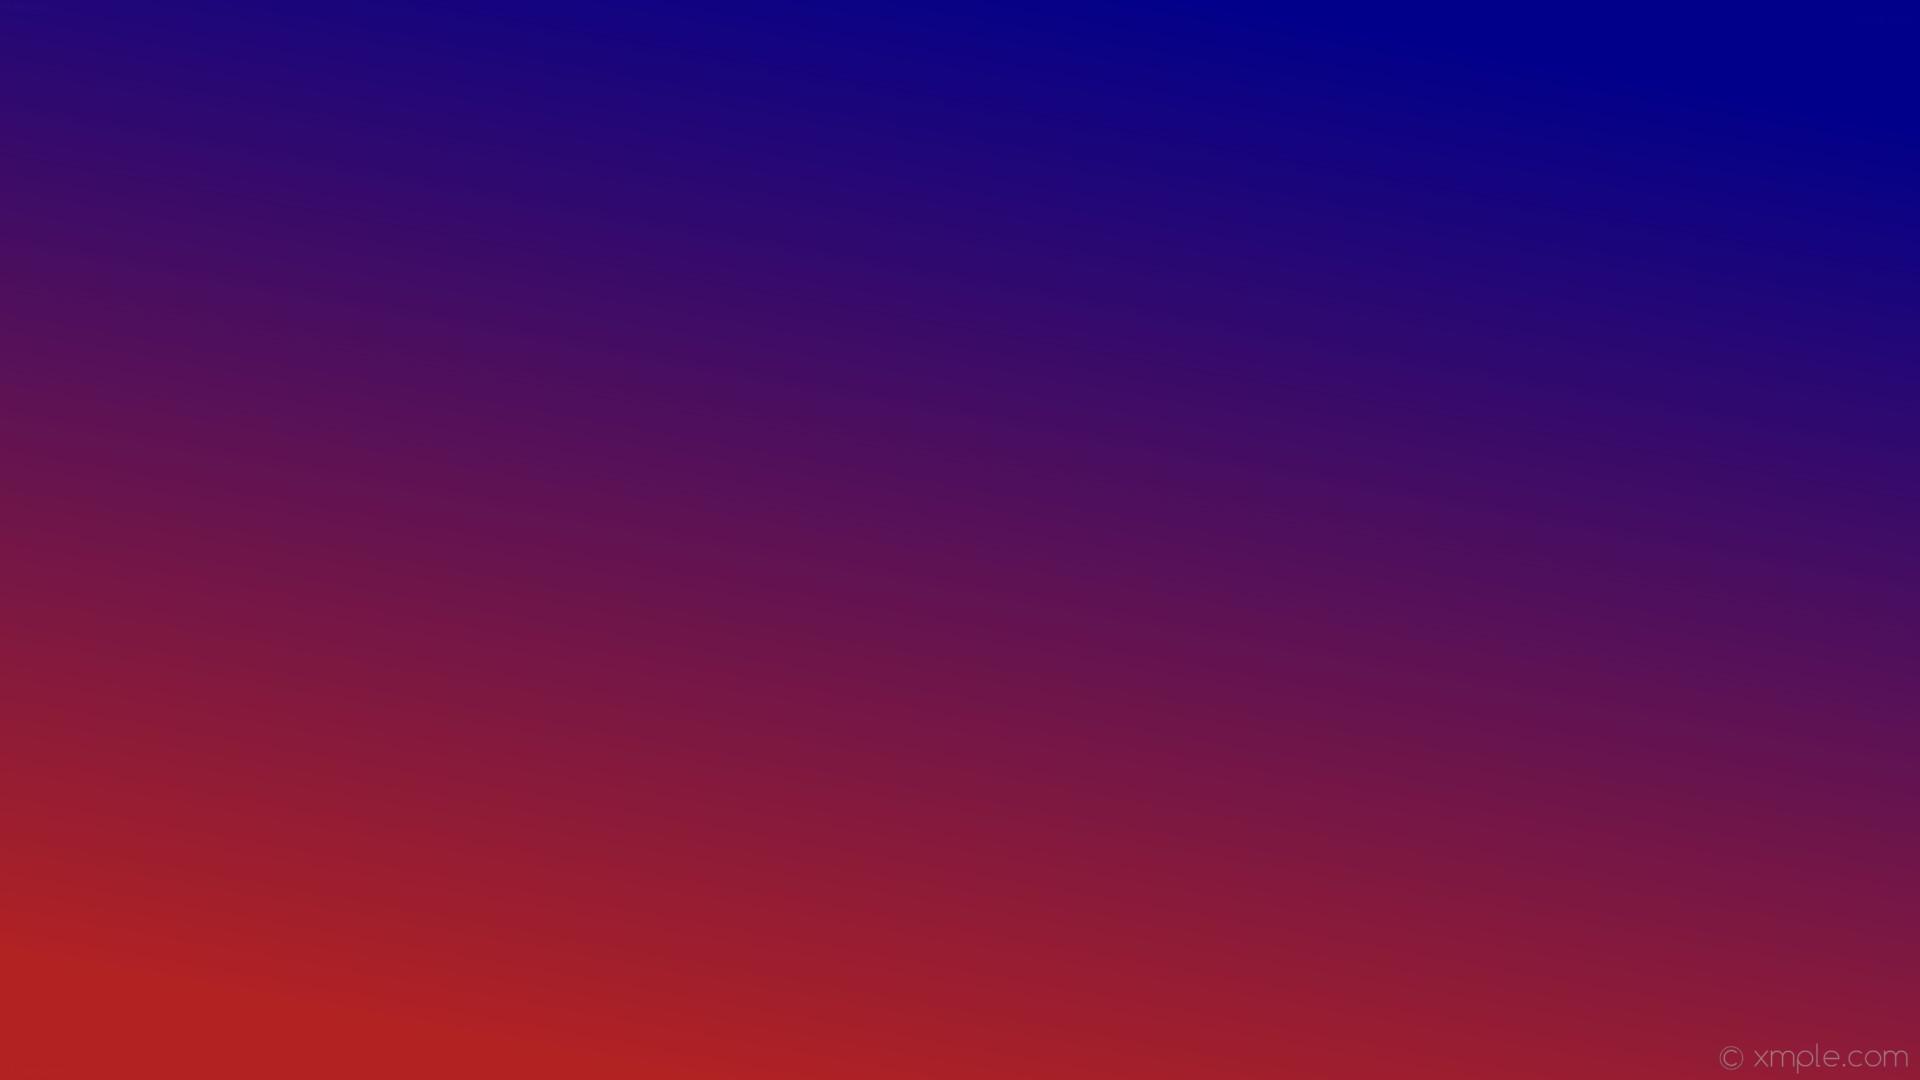 wallpaper blue red gradient linear dark blue fire brick #00008b #b22222 60°